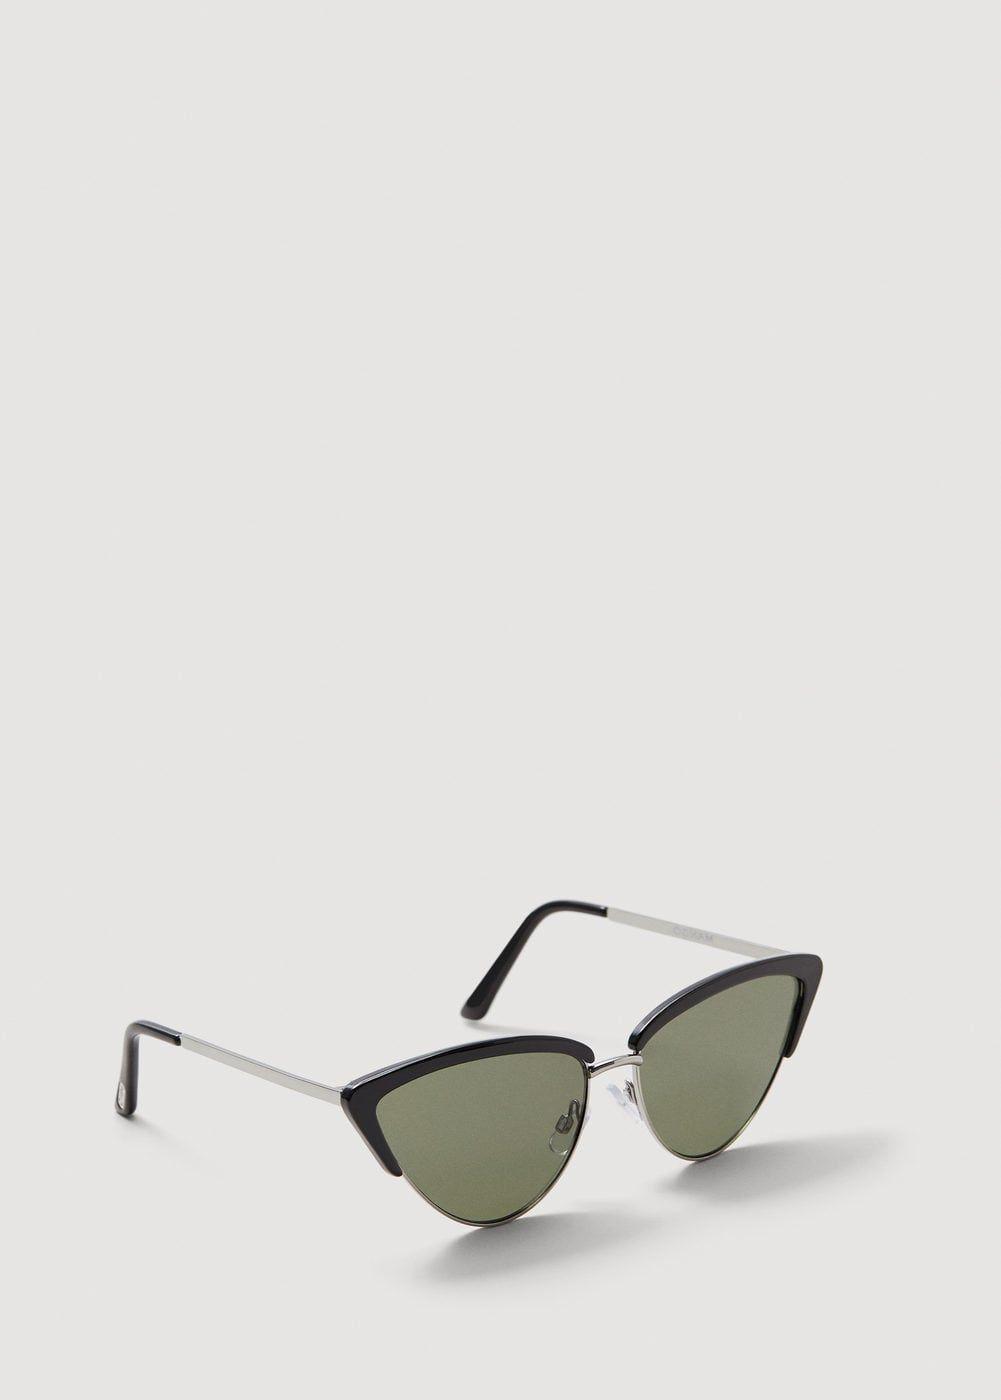 Cat-eye-sonnenbrille - Damen | Pinterest | Sonnenbrille damen, Mango ...